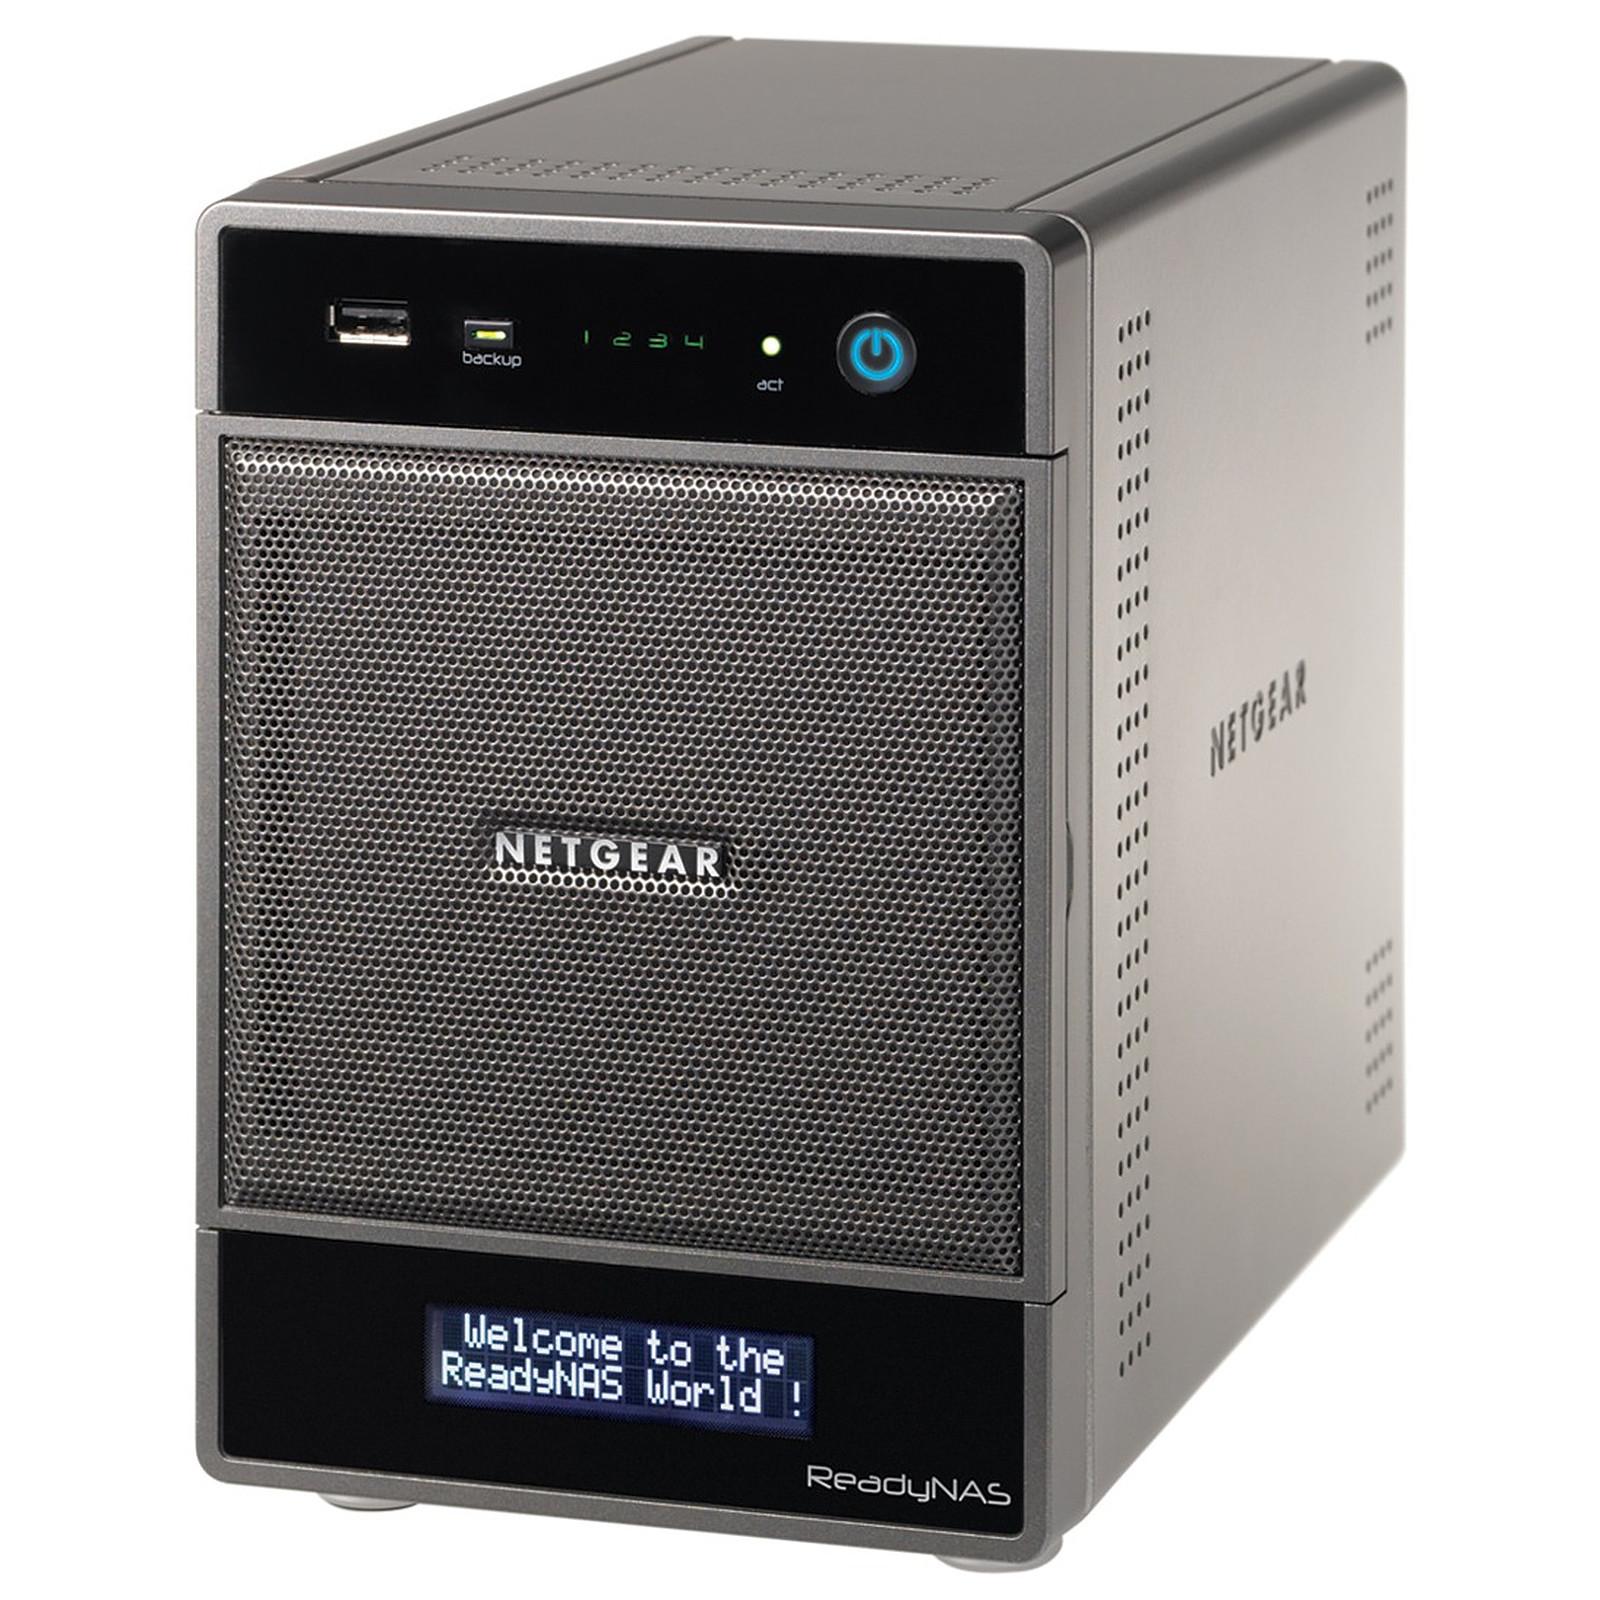 Netgear ReadyNAS Ultra 4 2To (2x 1 To)